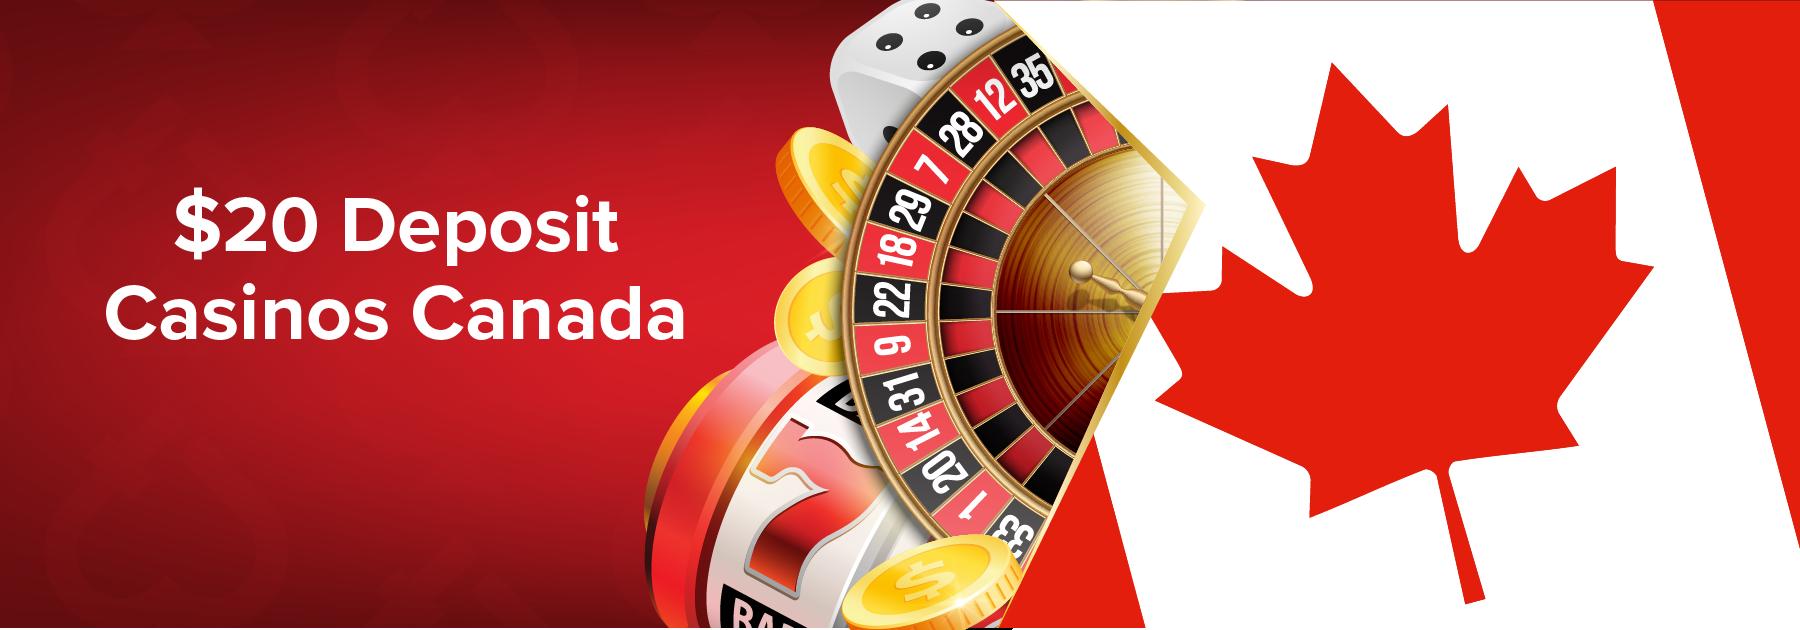 C$20 Deposit Casinos in Canada